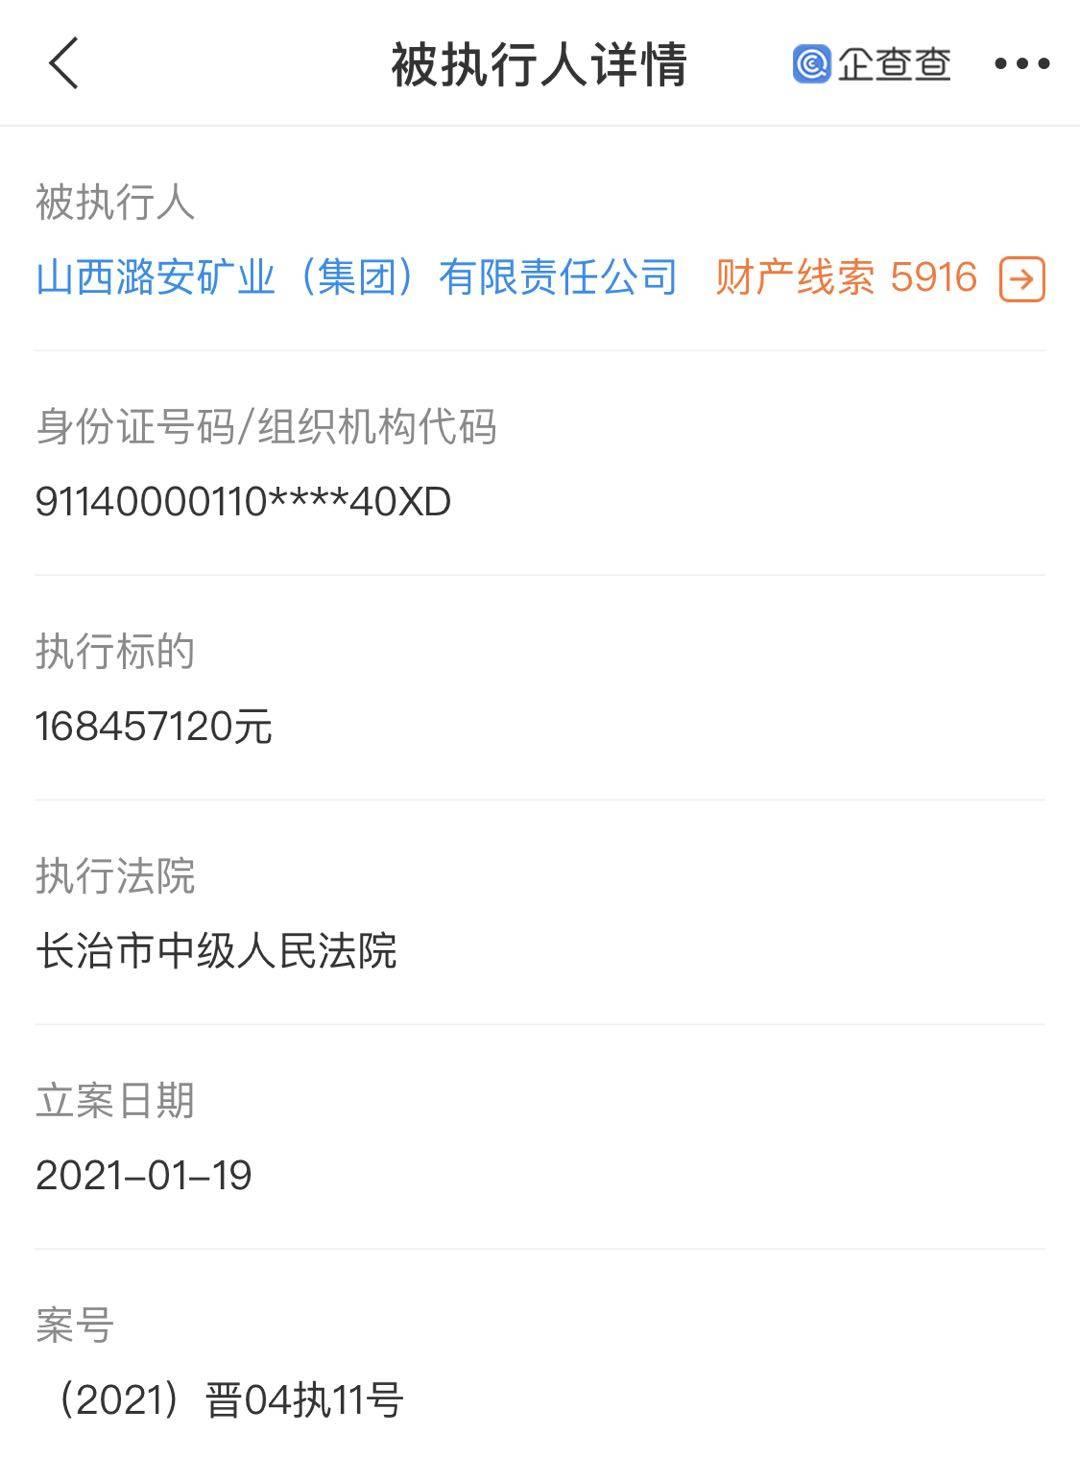 [山西潞安矿业成被执行人,执行标的约1.68亿元]